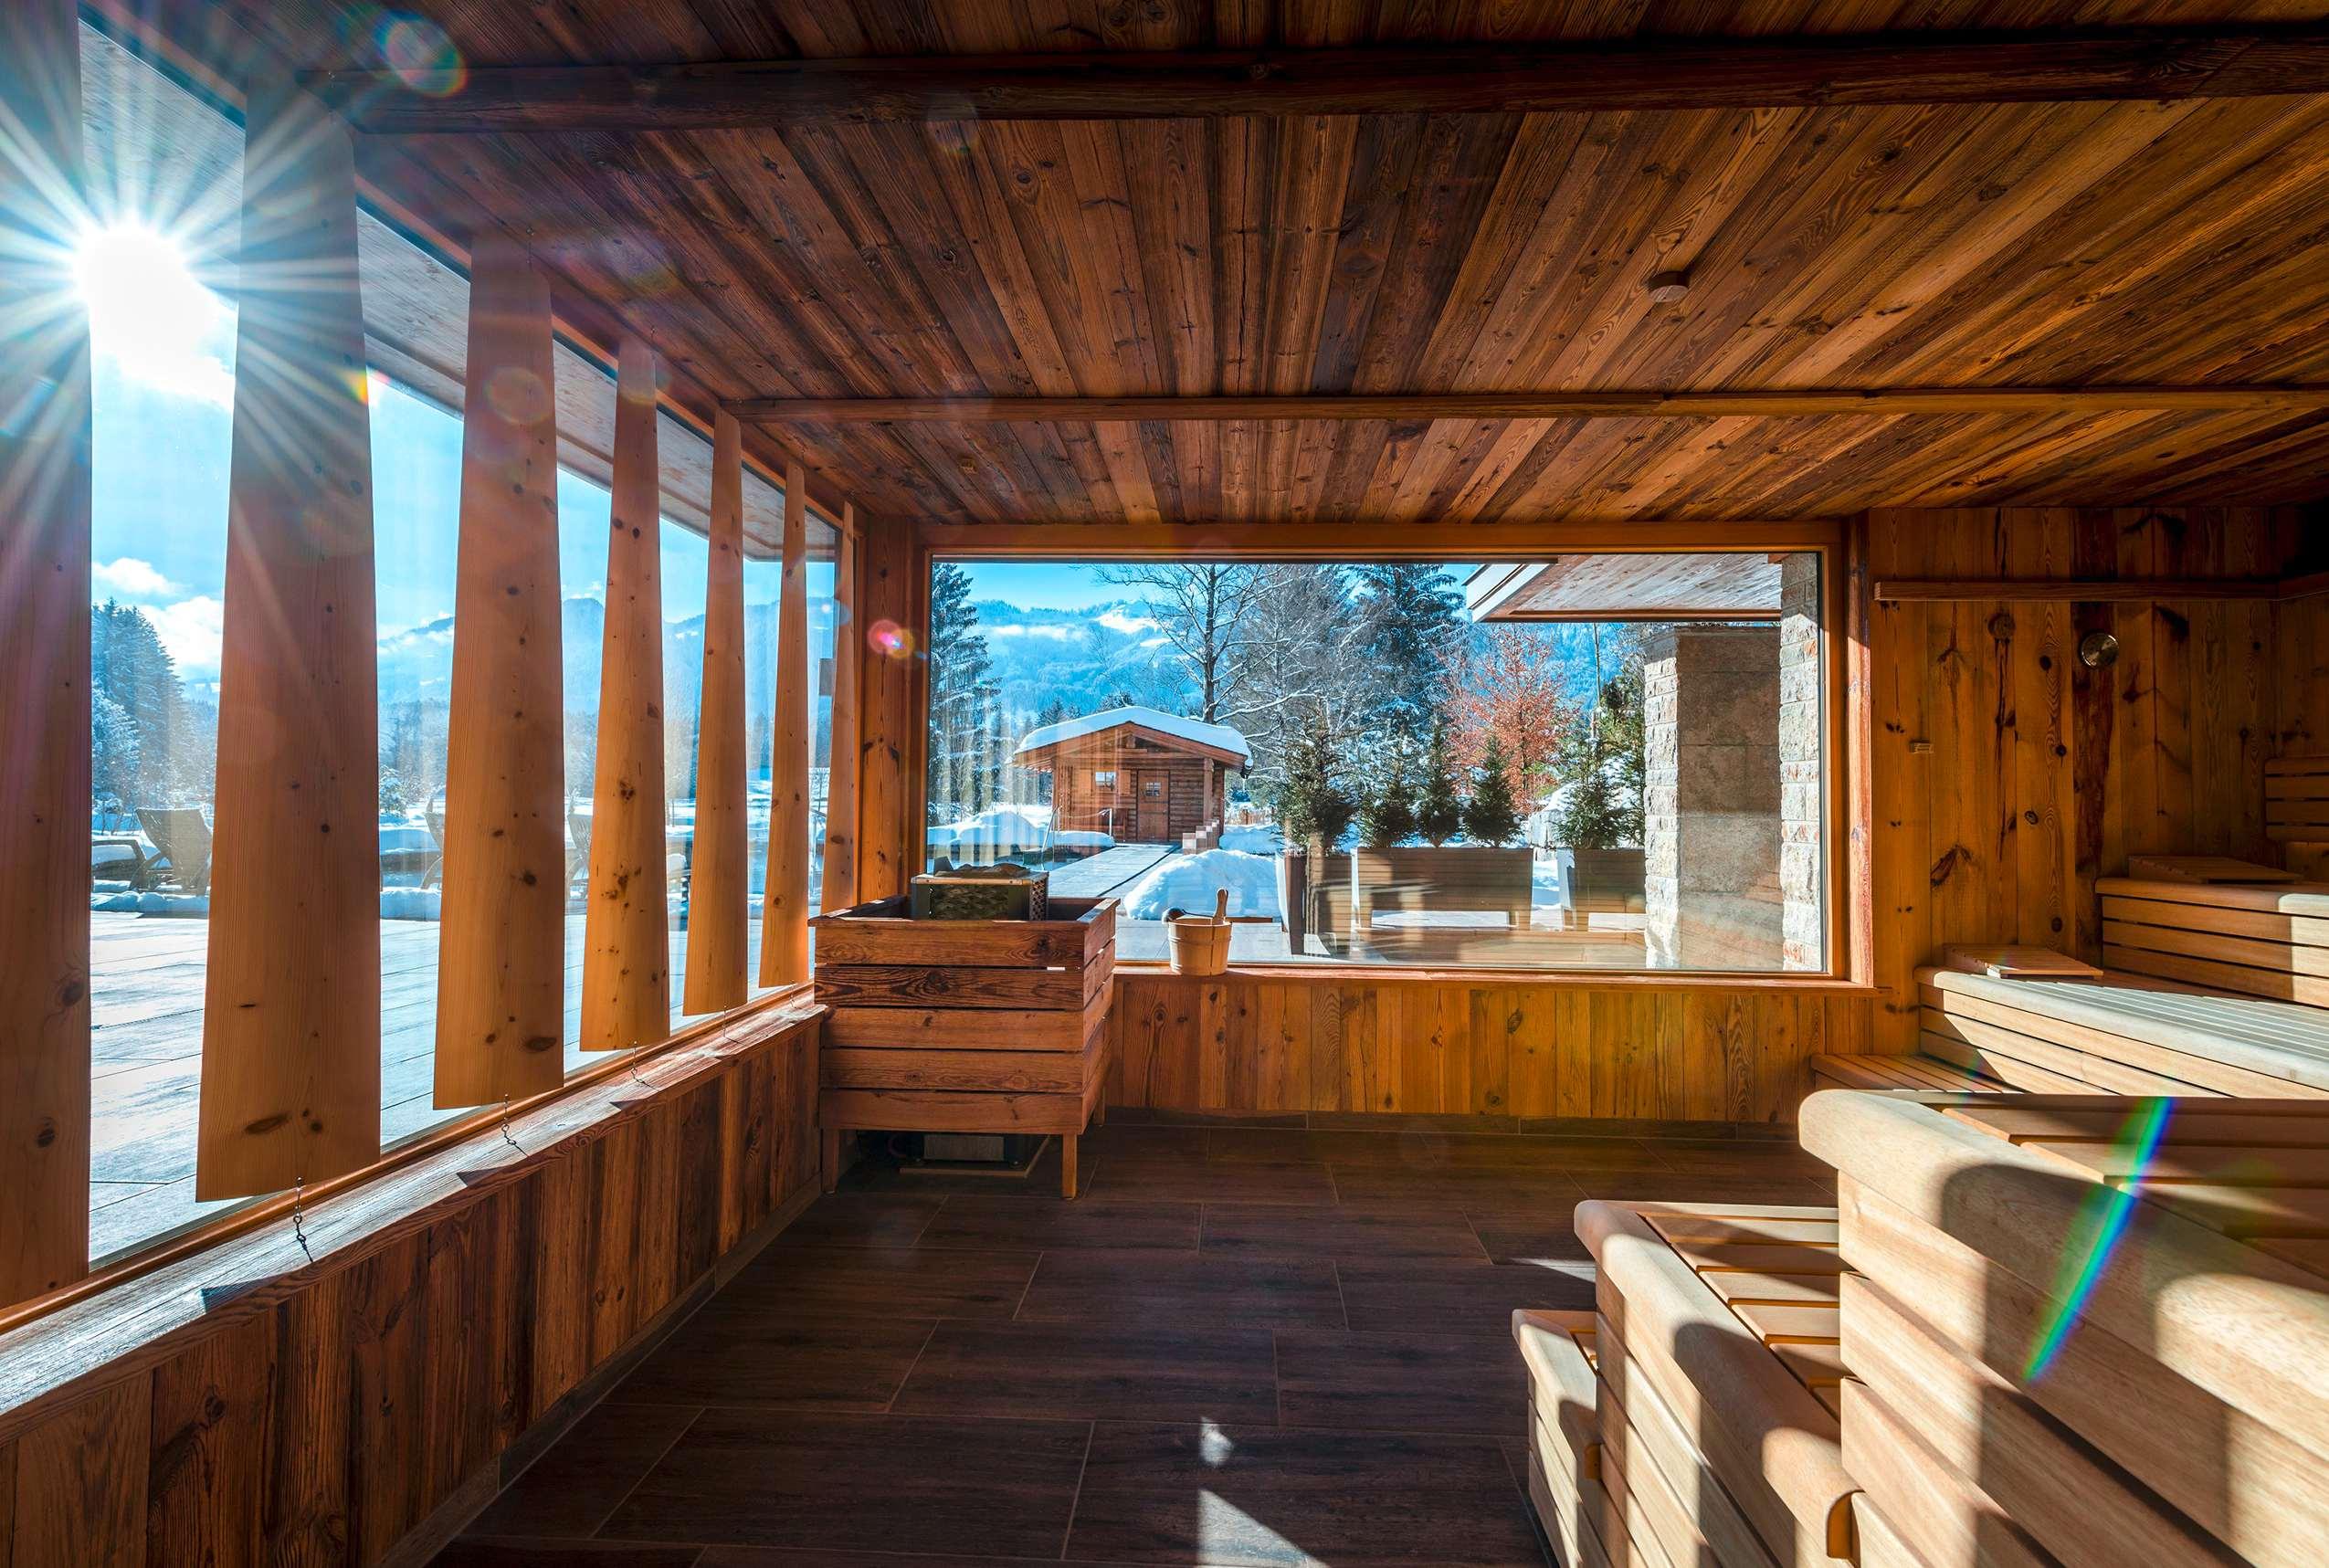 Die vertäfelte Sauna mit Blick in den verschneiten Park.